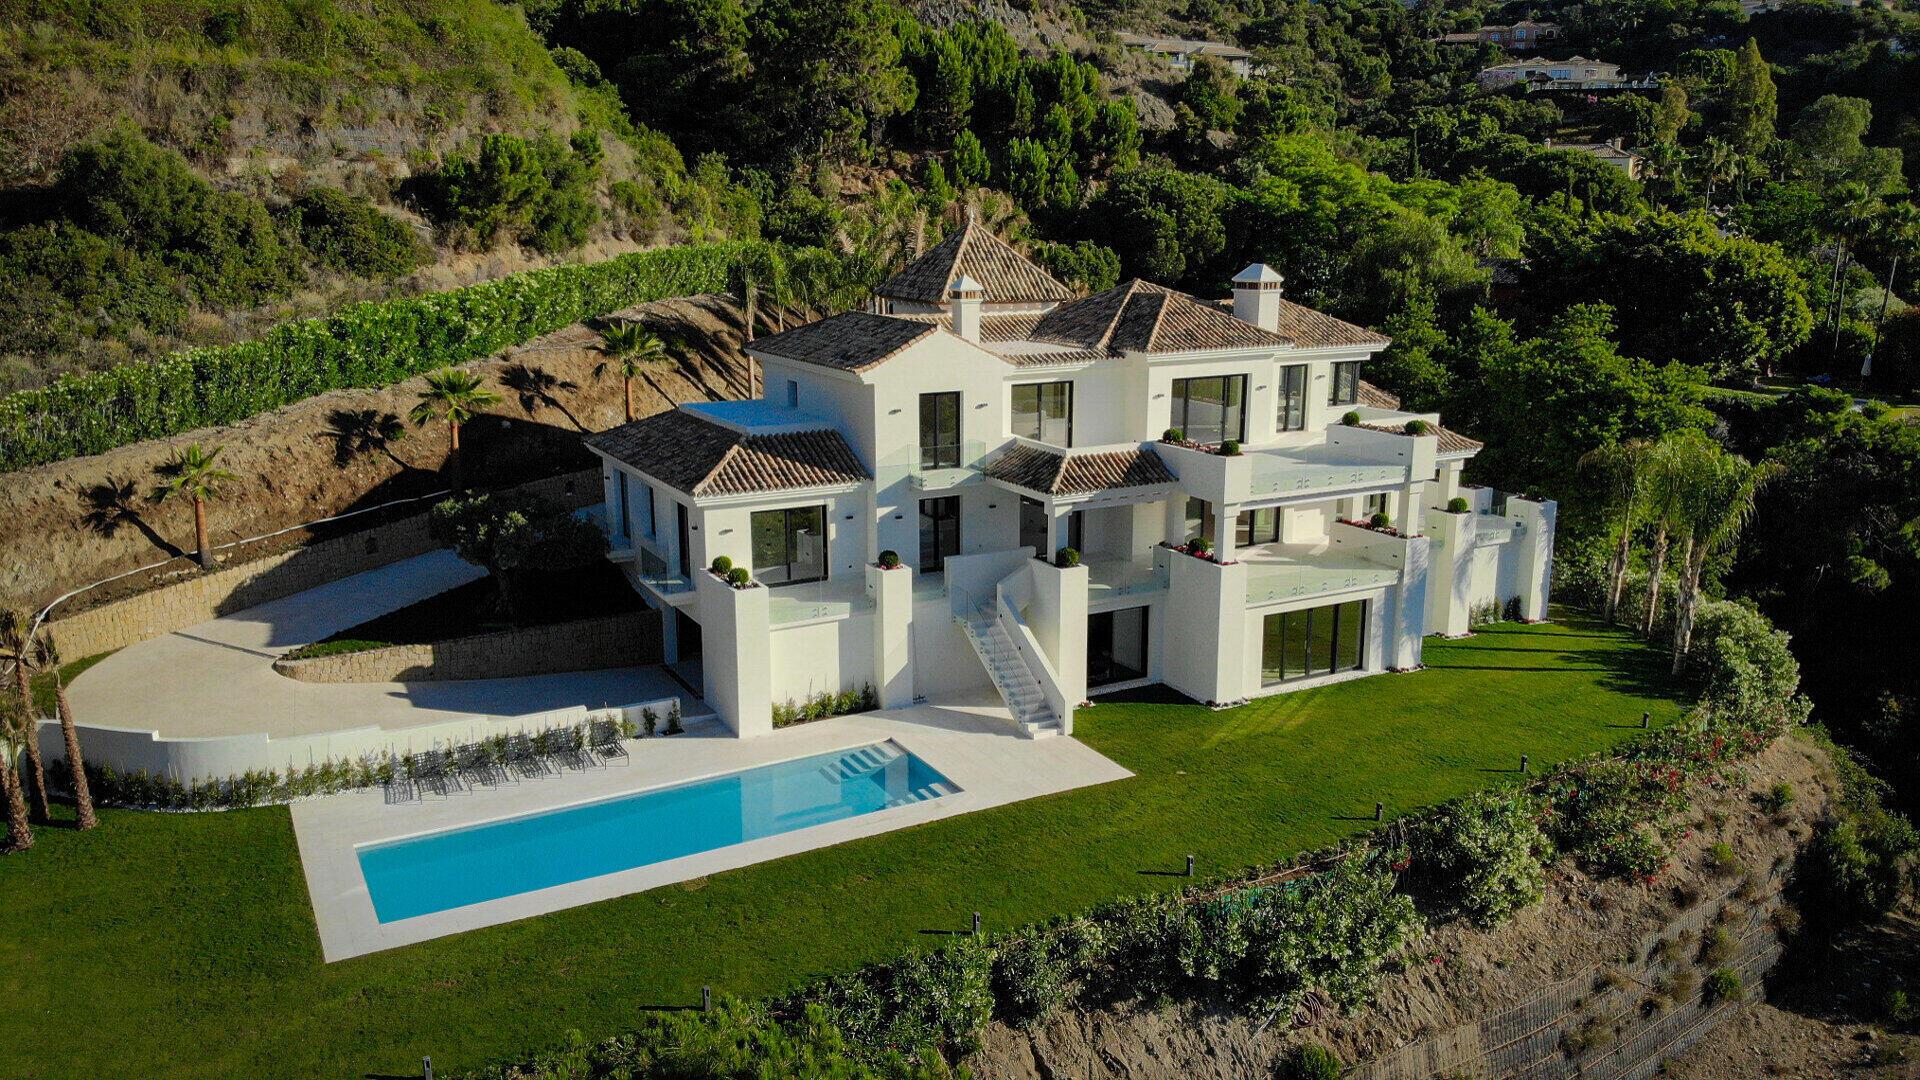 New Build La Zagaleta Villa Modern With A Sea View